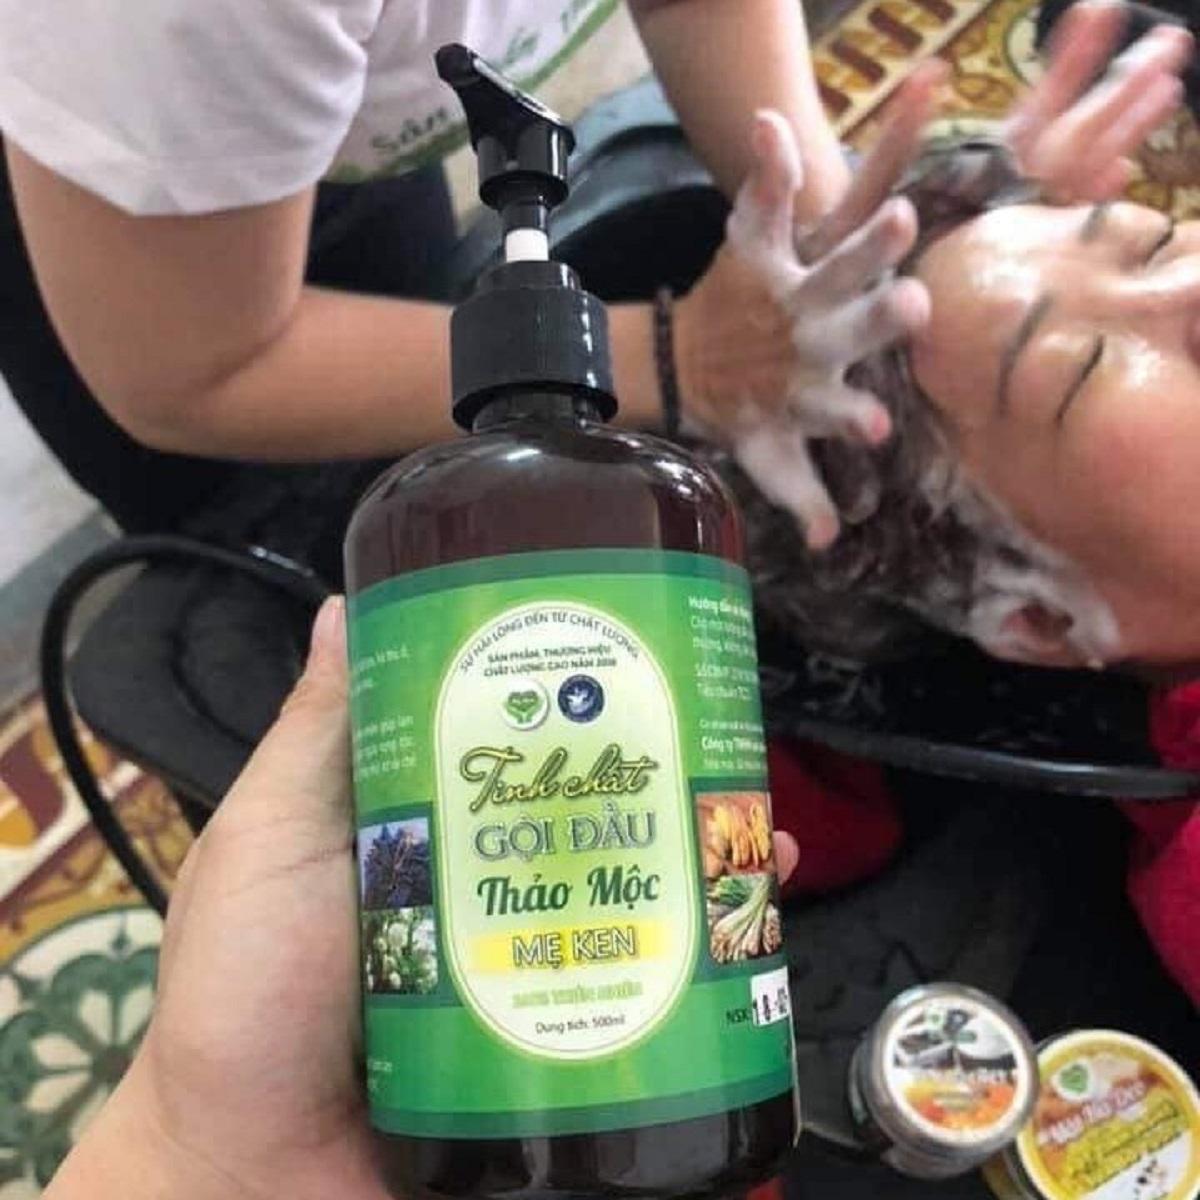 Combo 2 chai Tinh chất dầu gội đầu cô đặc thảo mộc dưỡng tóc MẸ KEN 250ml tặng 1 chai tinh dầu sả chanh Mẹ Ken treo xe